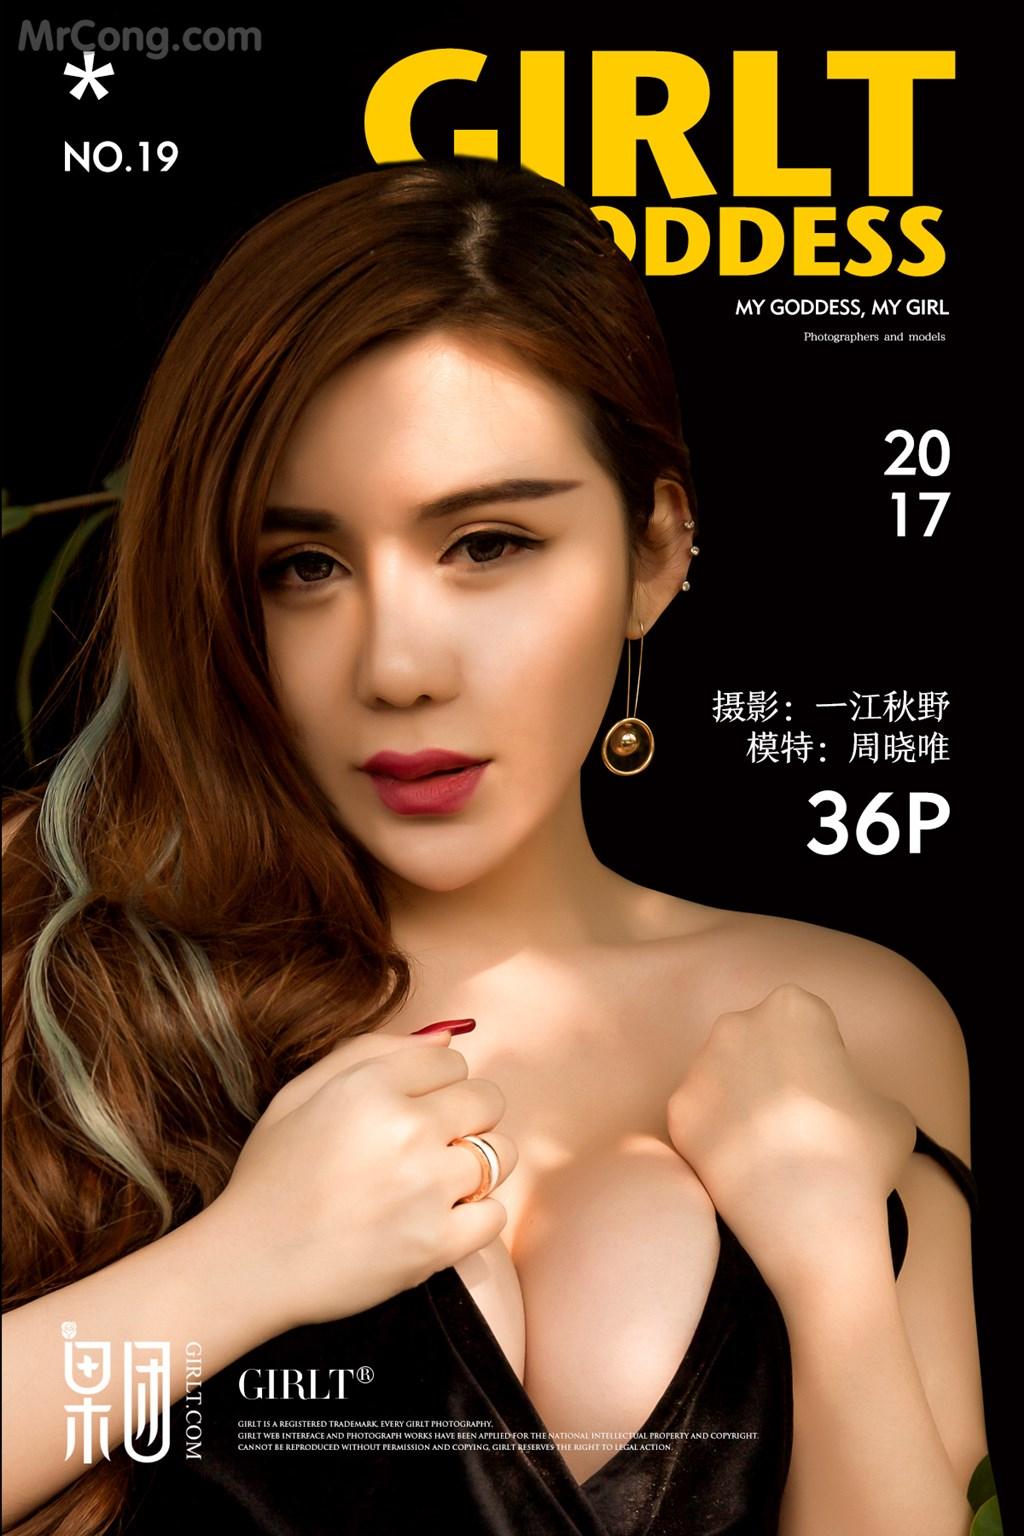 GIRLT Vol.019: Người mẫu Zhou Xiao Wei (周晓唯) (37 ảnh)